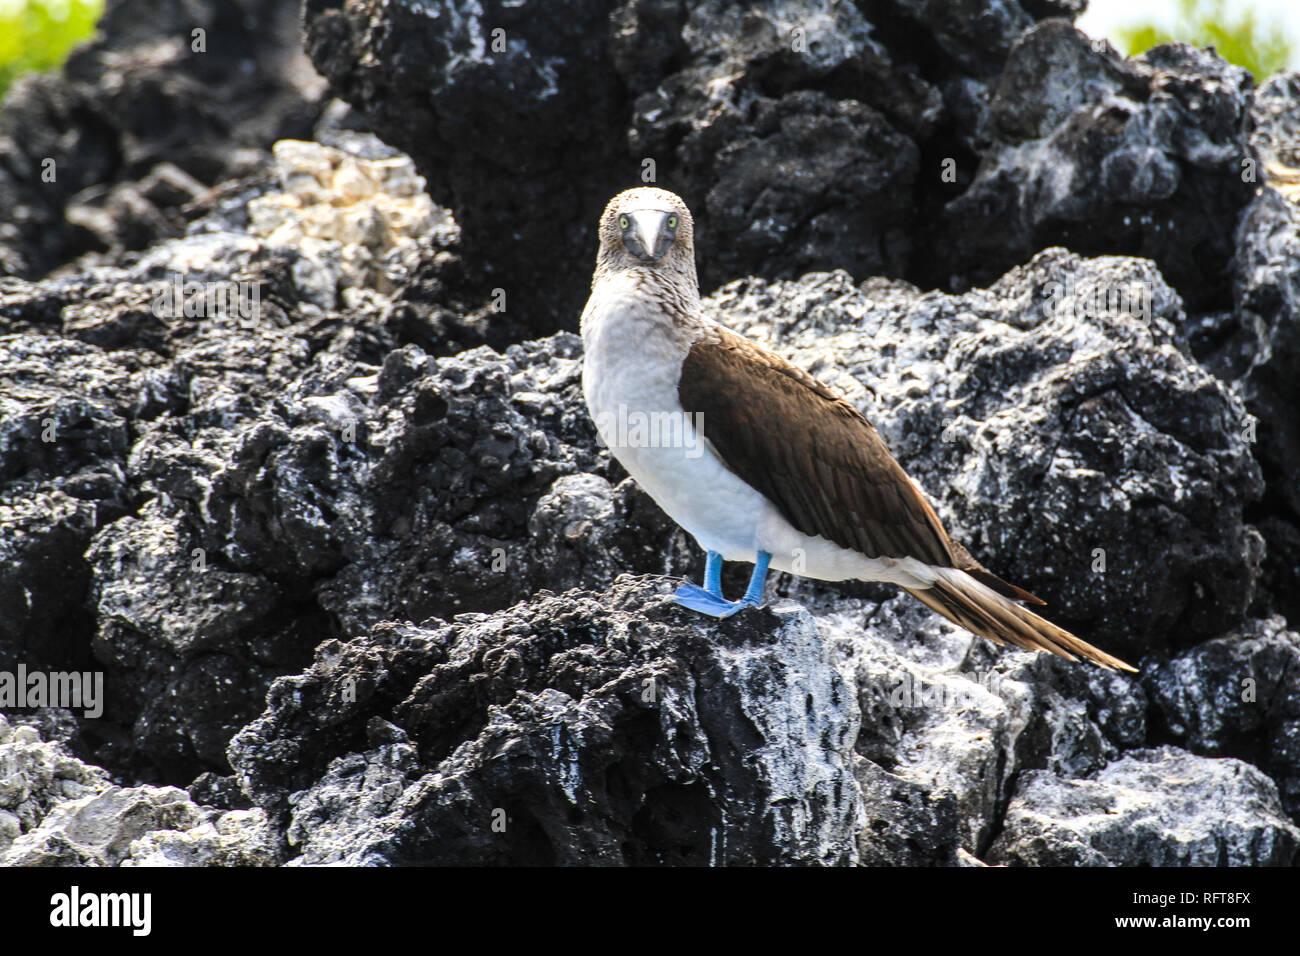 Blaufußtölpel auf Galapagos, einer der typischen Seevögel der Inselgruppe im Pazifik - Stock Image